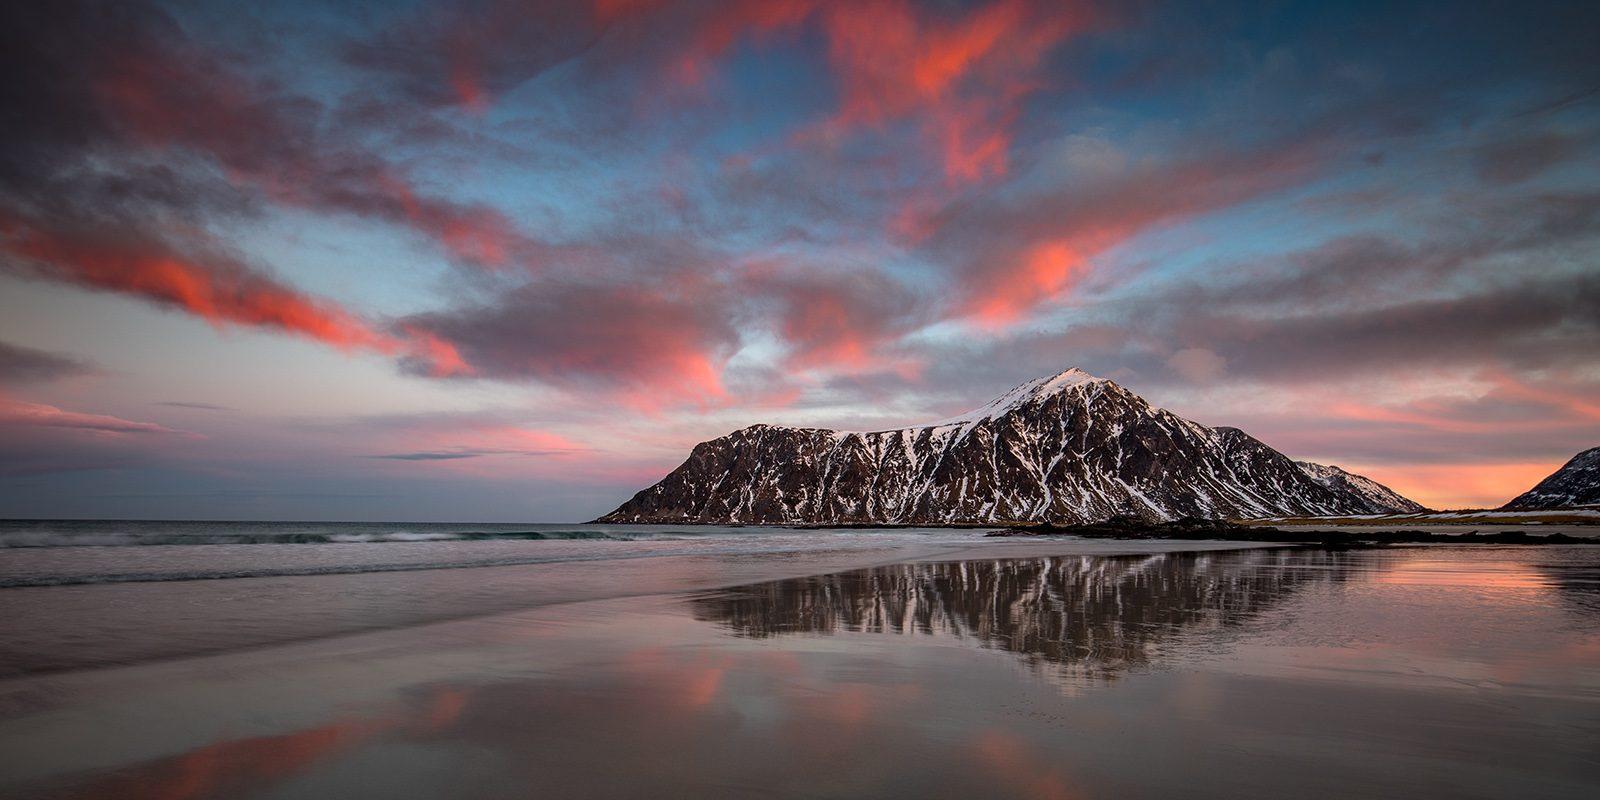 Solnedgang refleksjon Skagsanden av Kåre Johansen